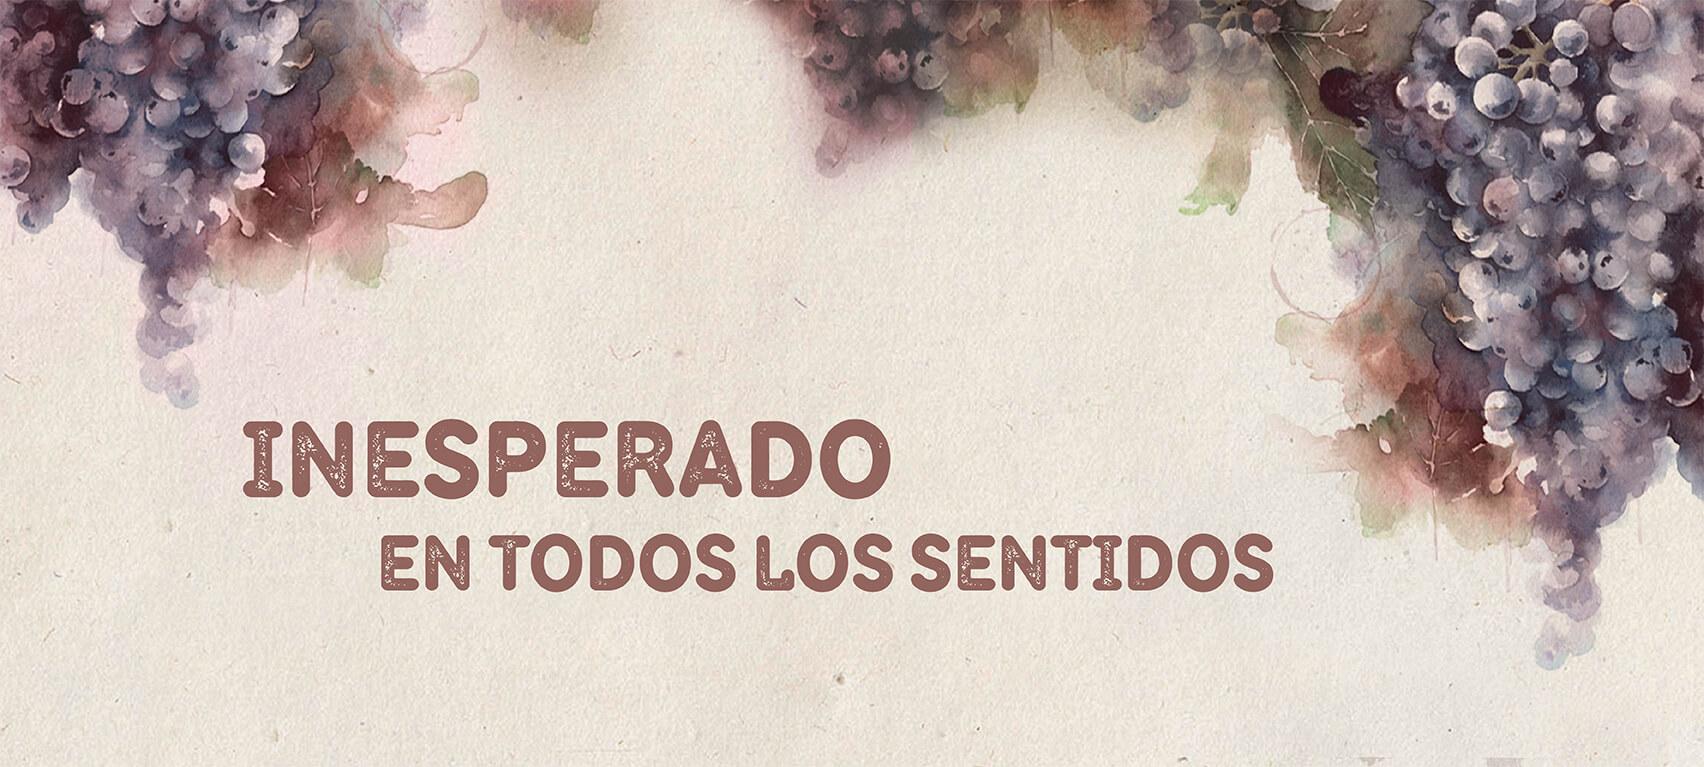 inesperado_en_todos_los_sentidos